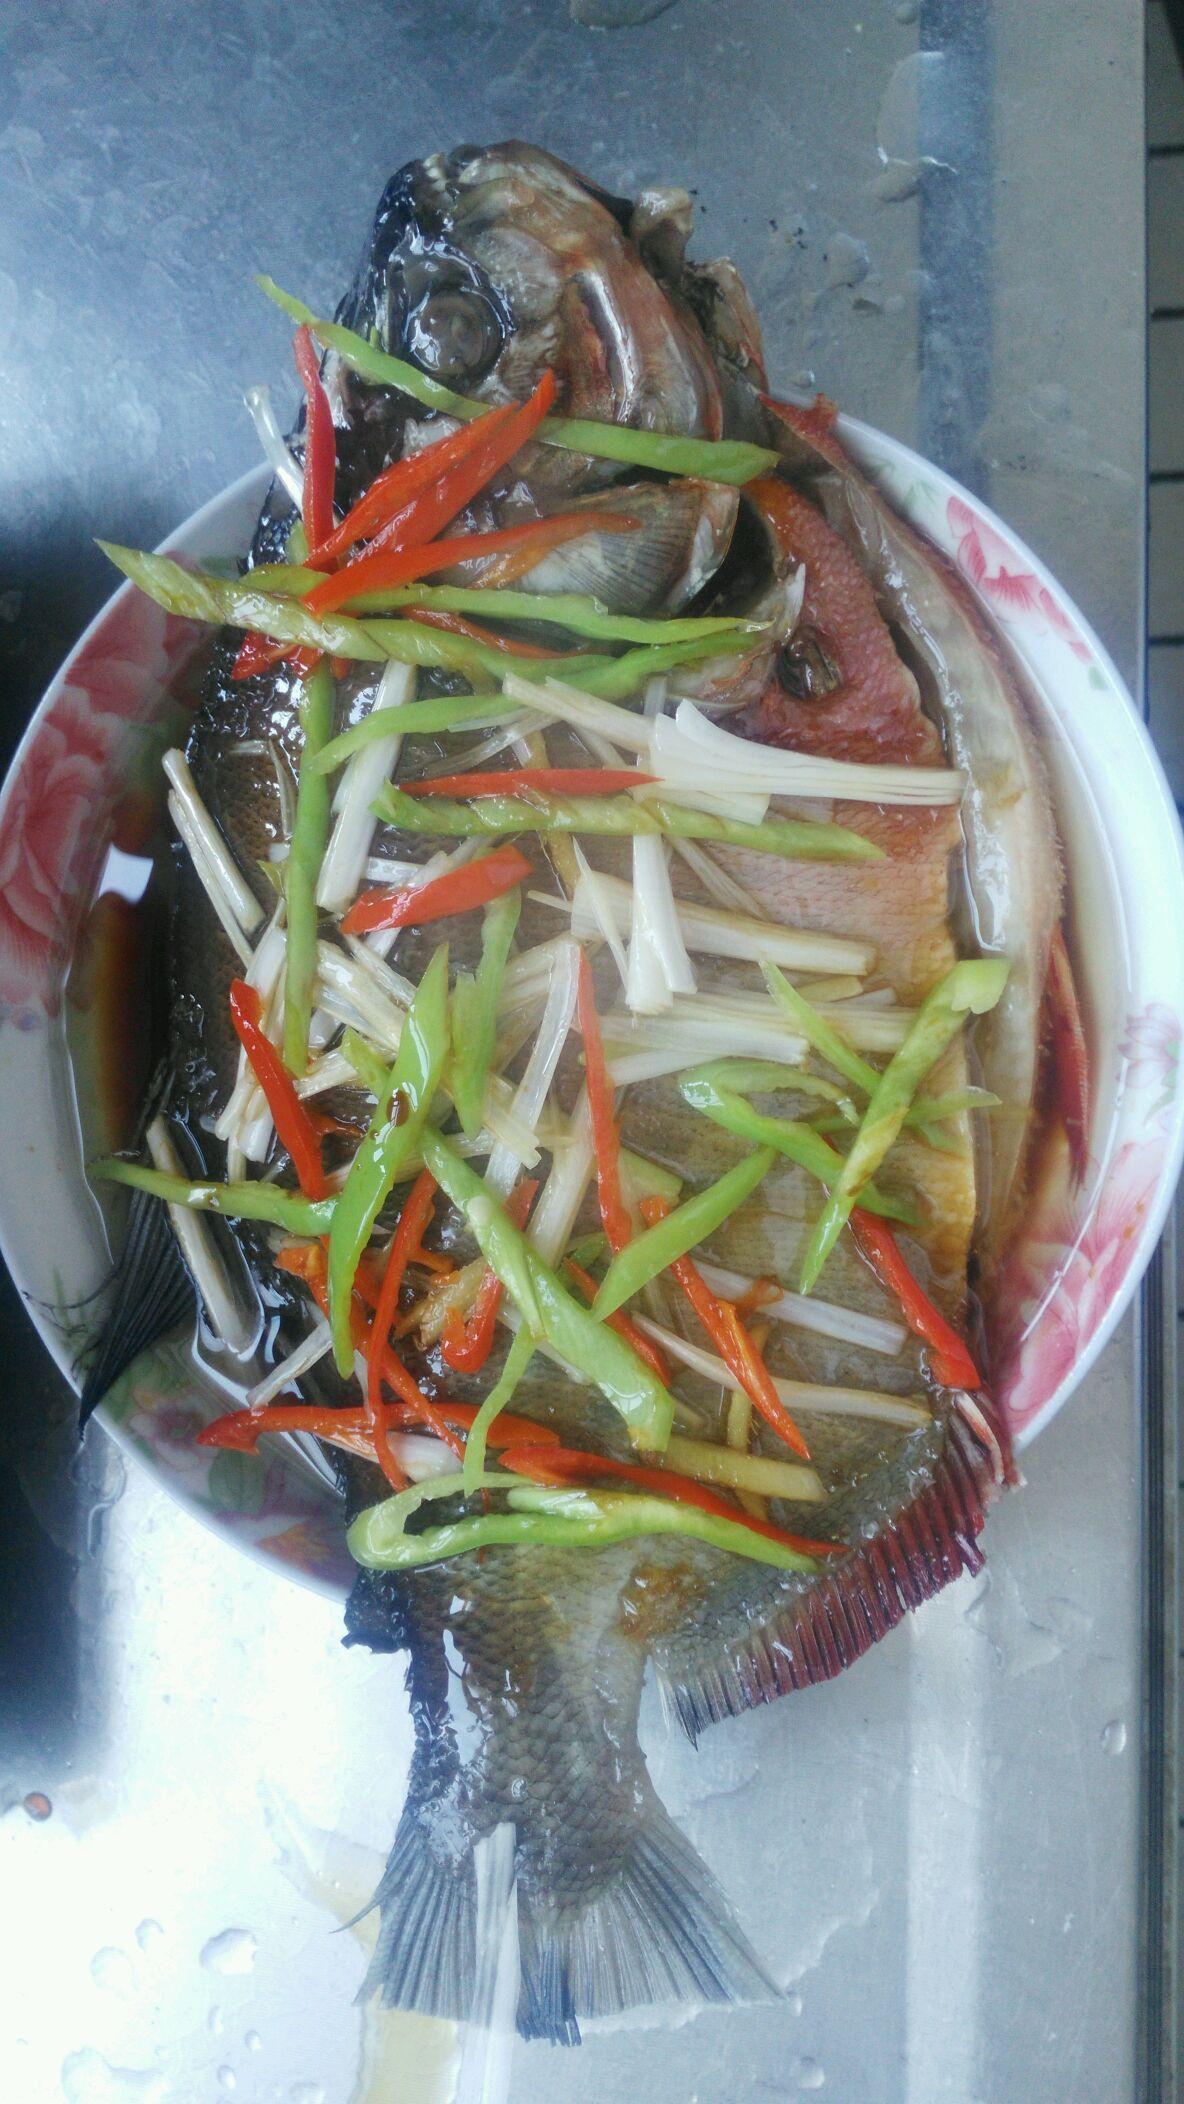 v做法红做法的美食_菜谱_豆果干贝鲳鱼有哪些做法图片